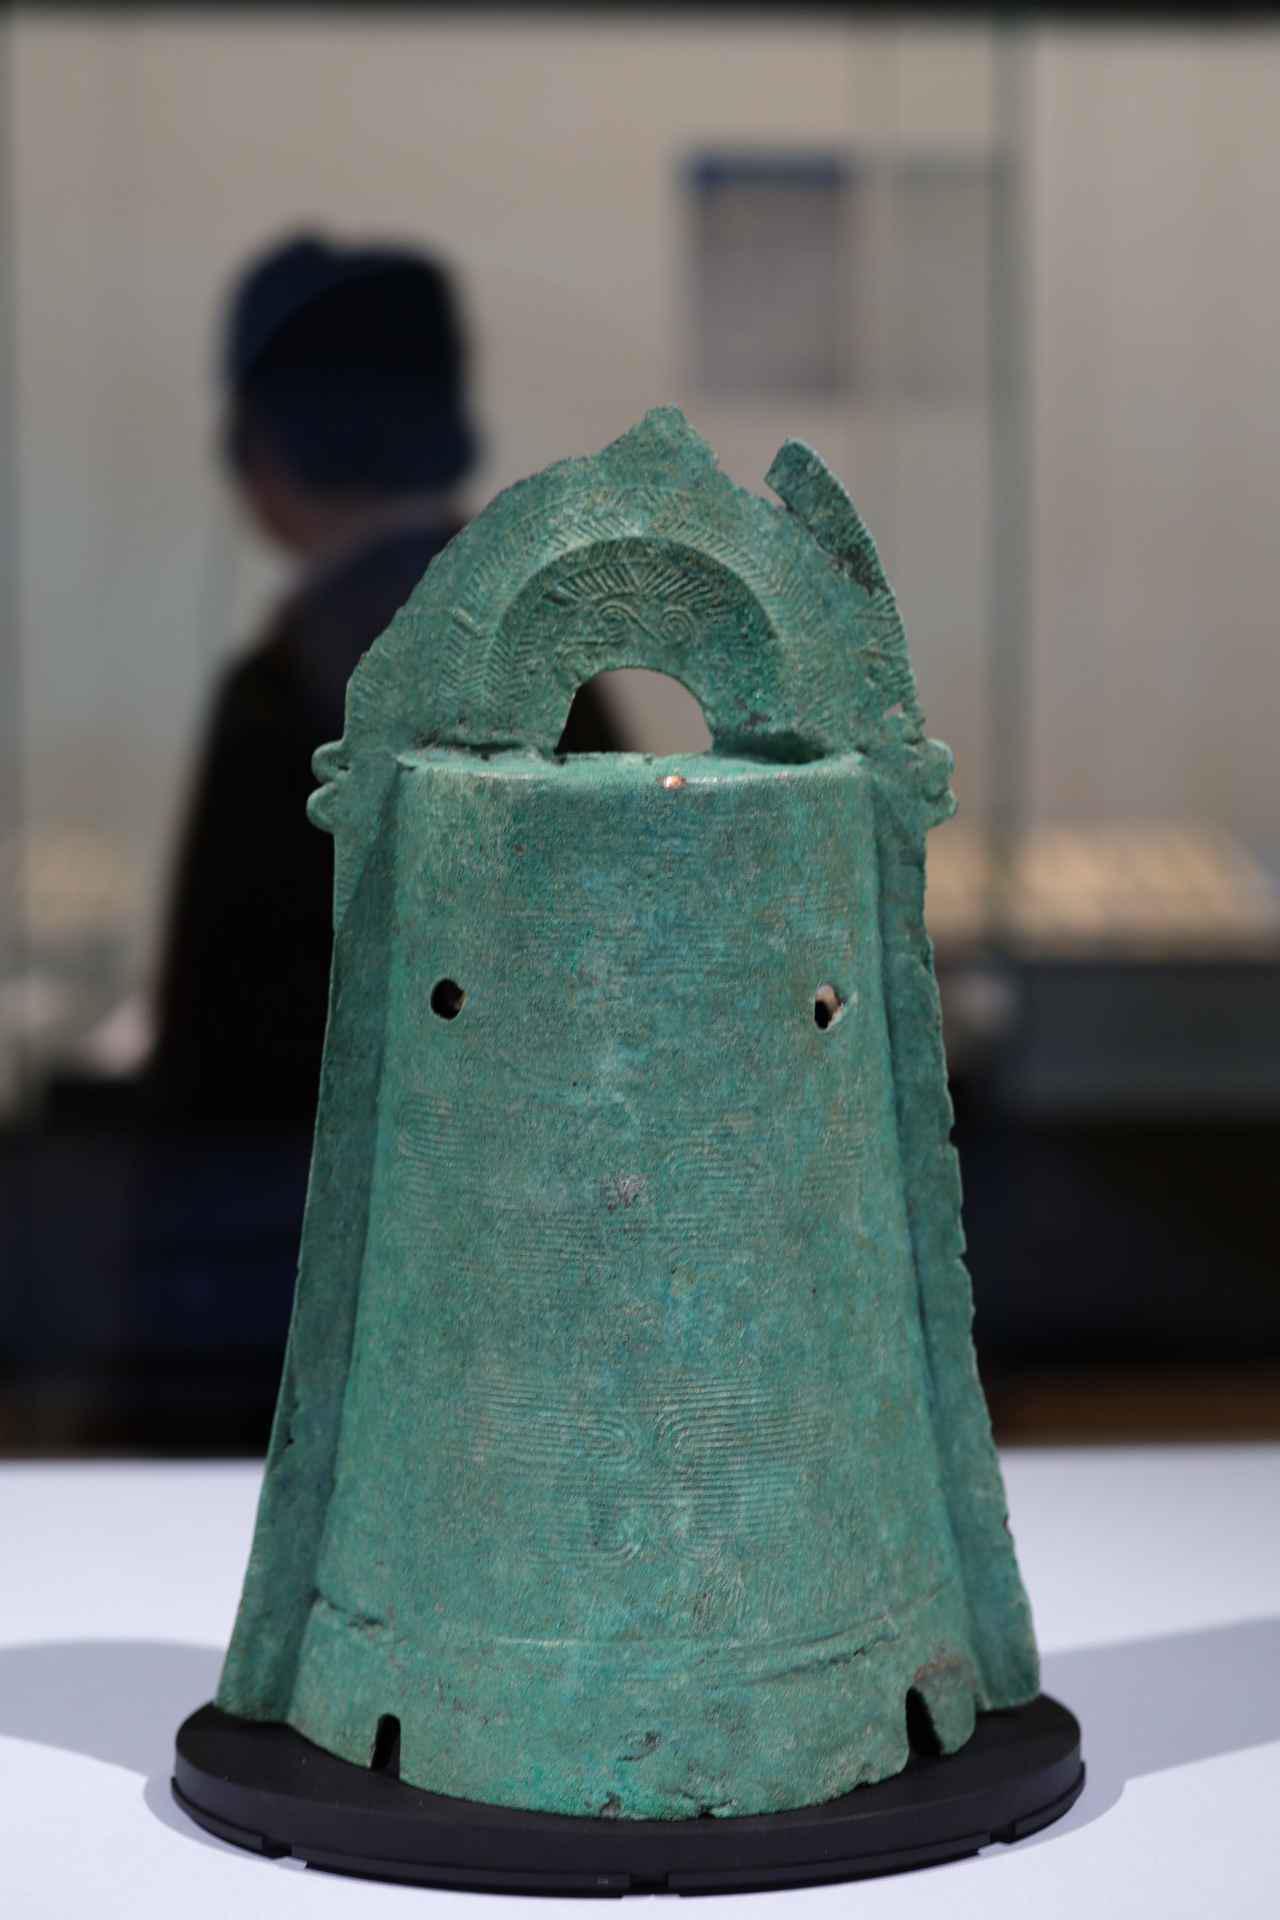 画像: 出雲の加茂岩倉遺跡から出土した39個の銅鐸のうち一点 写真では分かりにくいが表面の流水文は、河内平野(現在の大阪府)で生産されたものと考えられる 加茂岩倉遺跡出土品 銅鐸 紀元前2〜1世紀 国宝